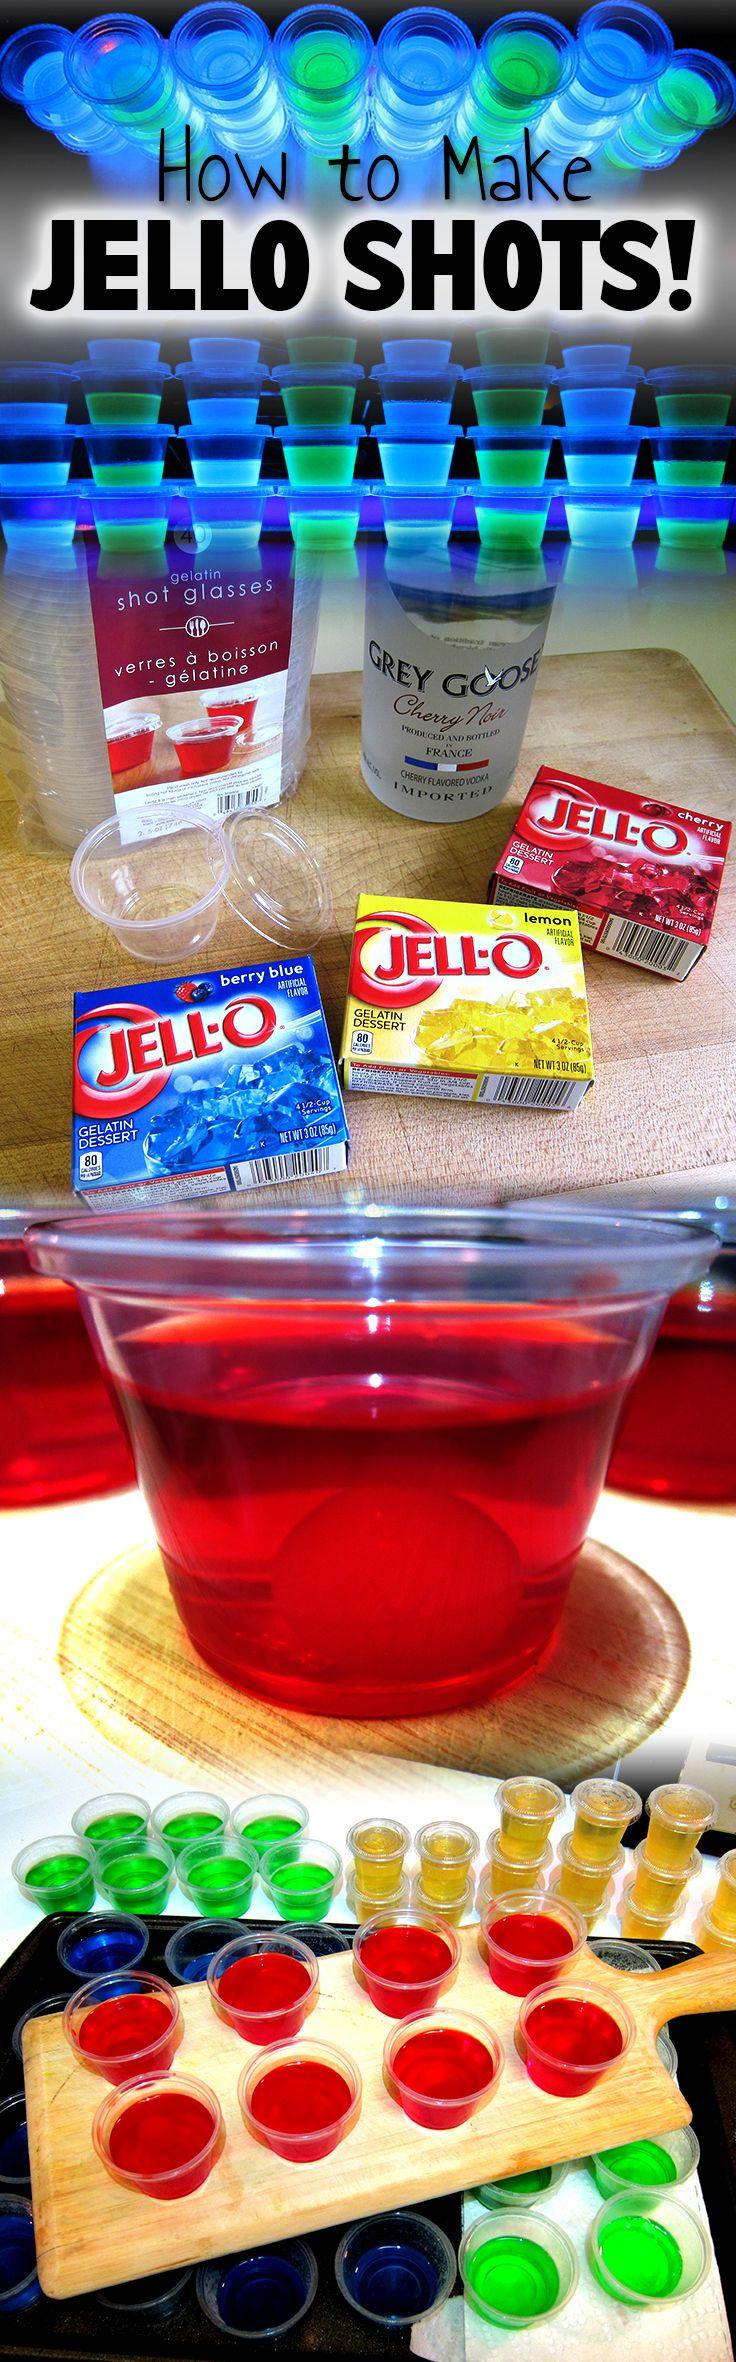 How to Make Jello Shots #jelloshotrecipes